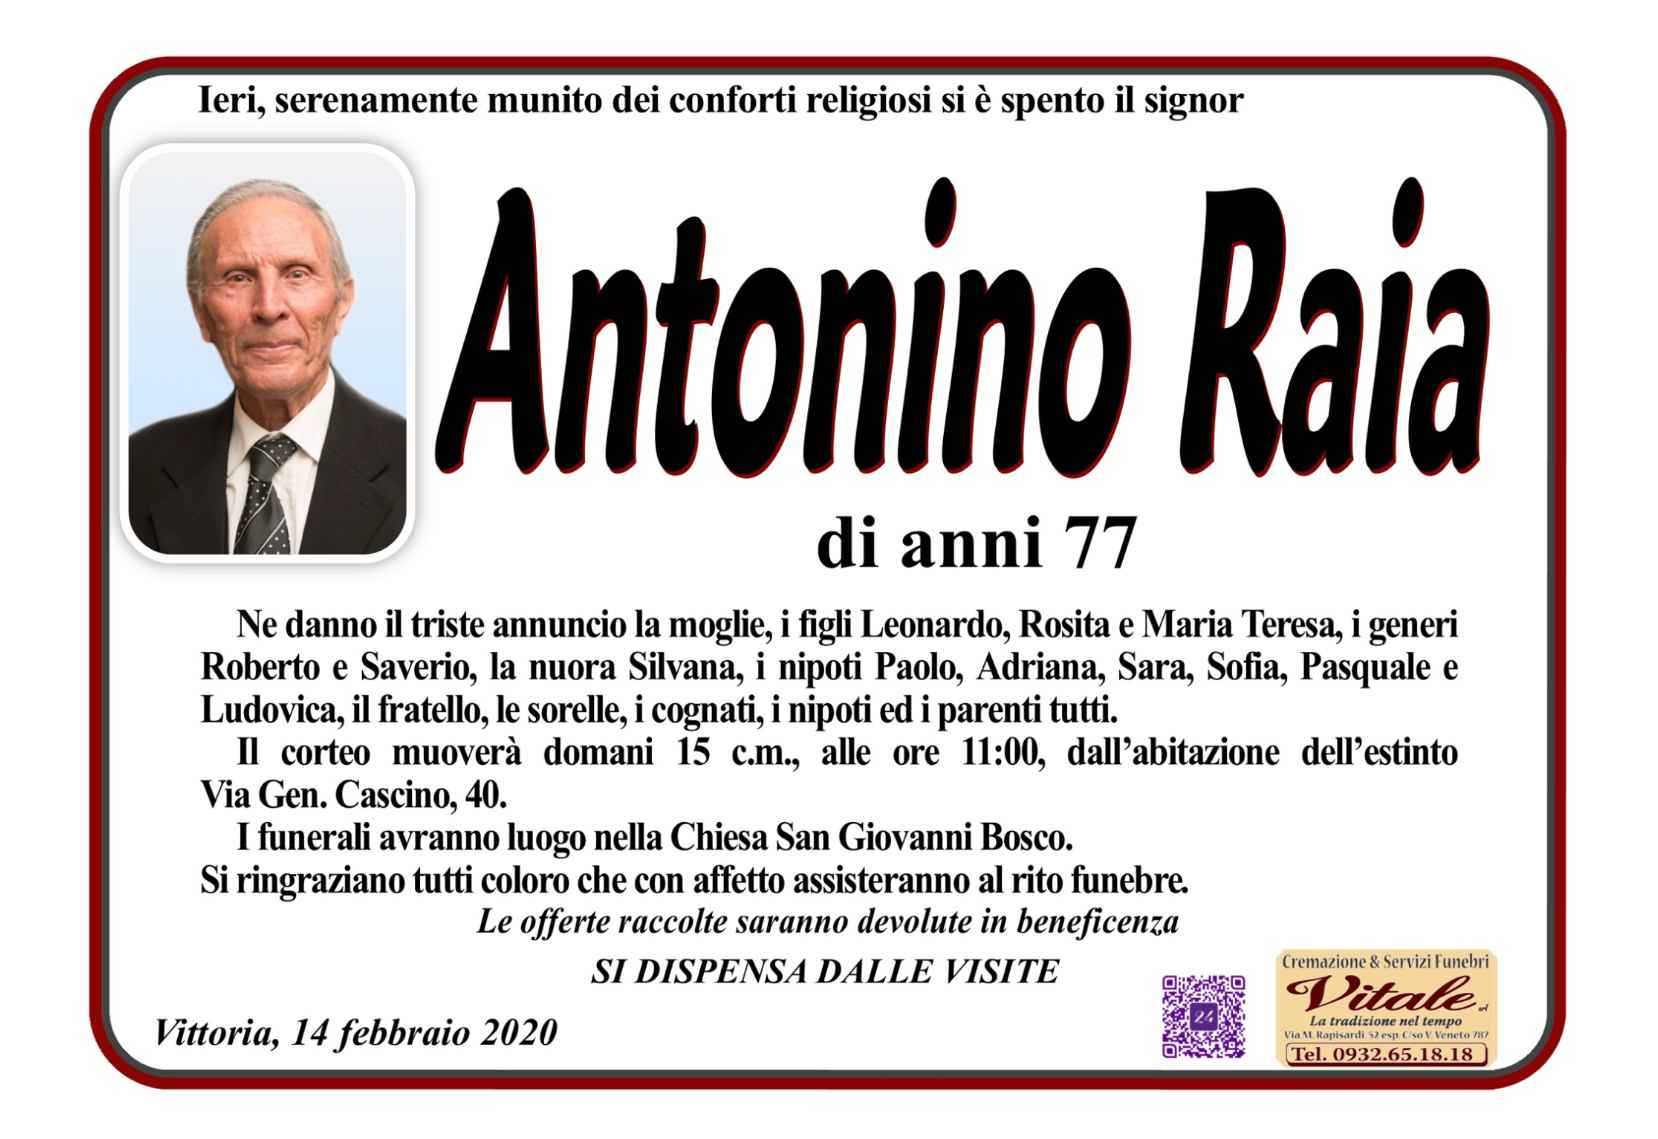 Antonino Raia